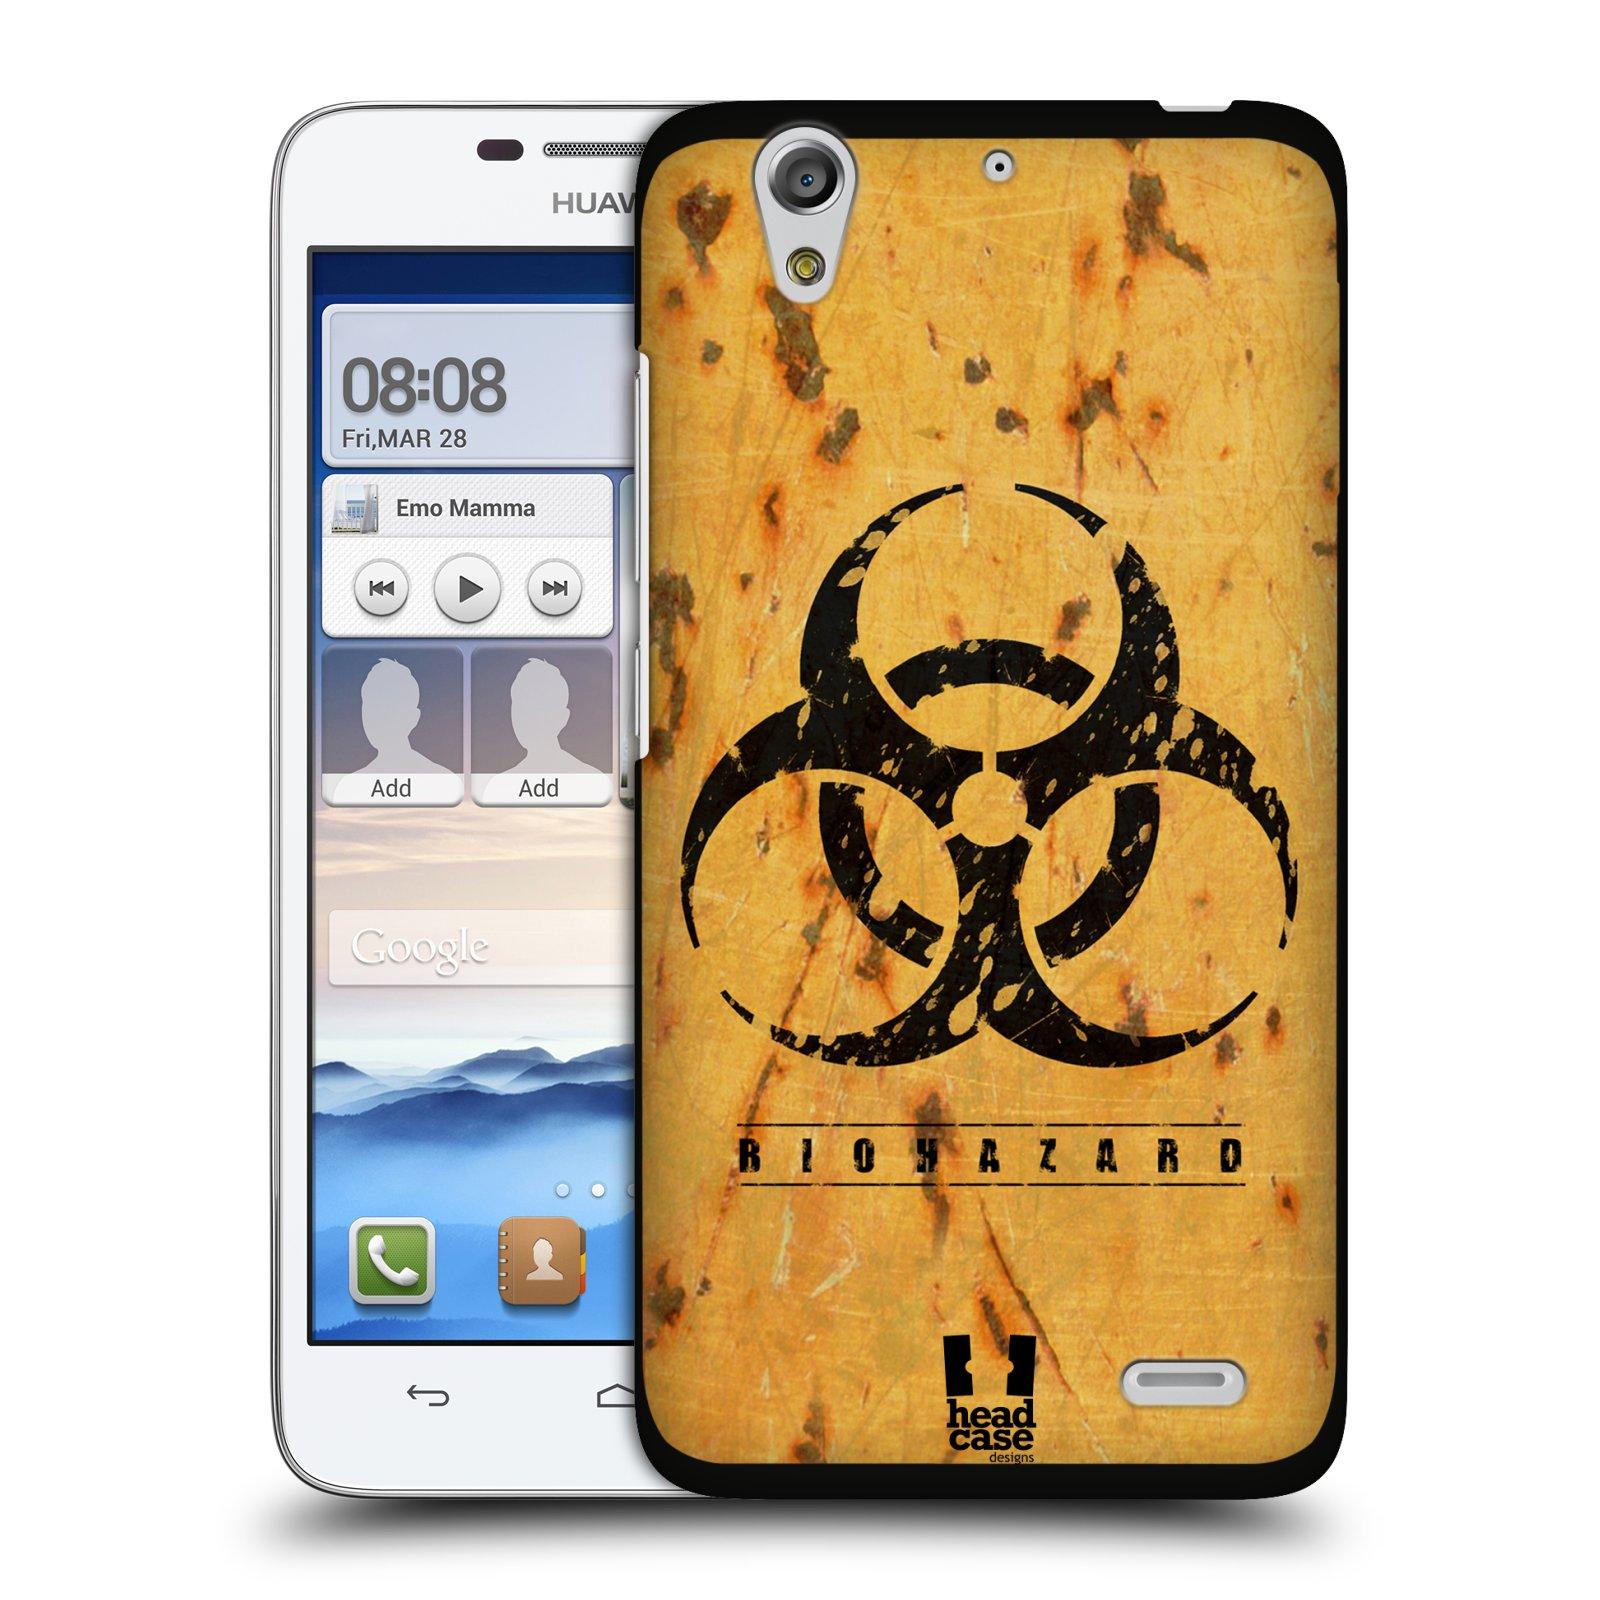 Plastové pouzdro na mobil Huawei Ascend G630 HEAD CASE BIOHAZARD REZ (Kryt či obal na mobilní telefon Huawei Ascend G630)